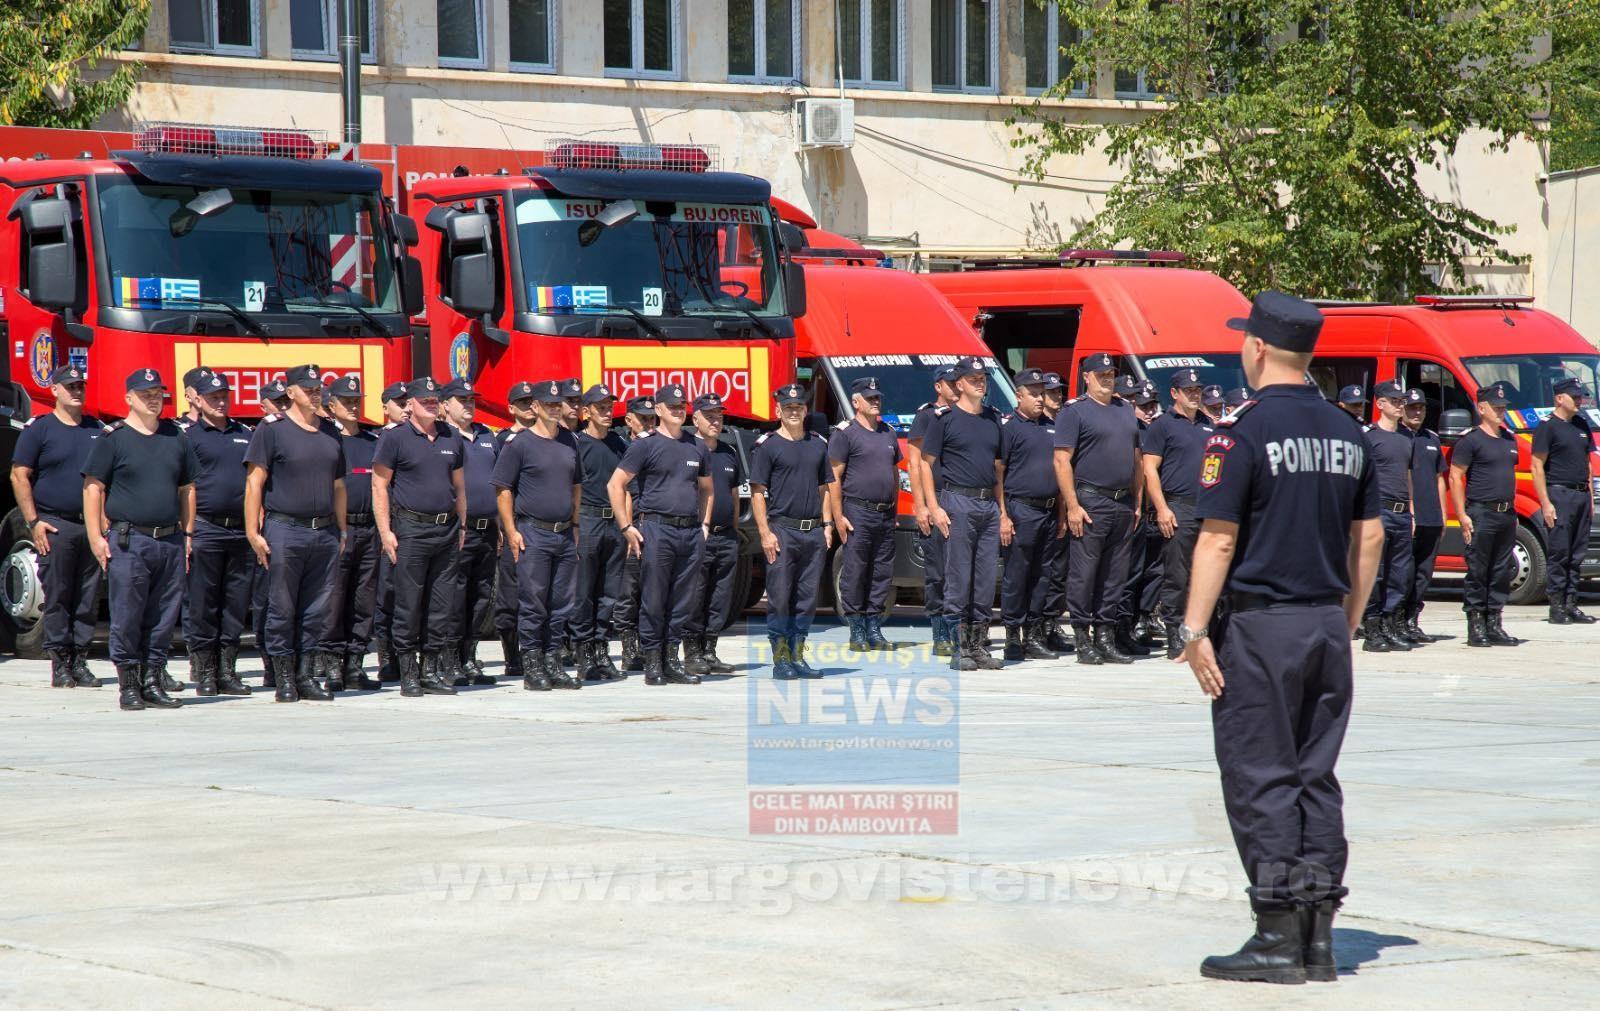 142 de pompieri români au plecat să lupte cu flăcările din Grecia